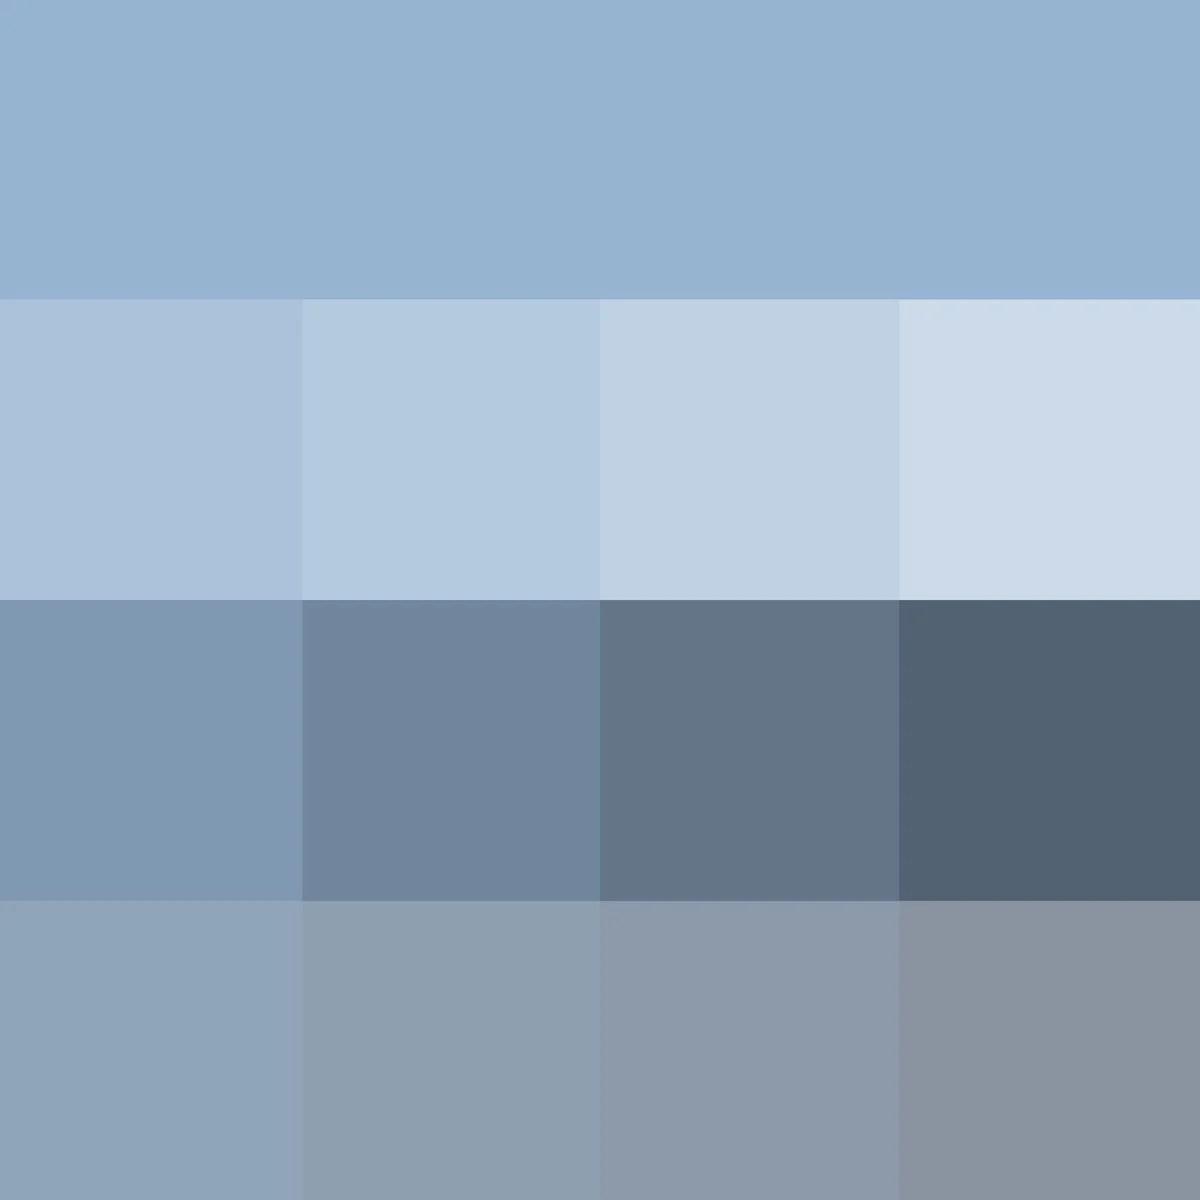 Scoprite tutti gli abbinamenti del colore carta da zucchero in arredamento, molto usato per le pareti, la carta da parati ed i tessuti. Soggiorno Pareti Color Carta Da Zucchero Idee E Abbinamenti